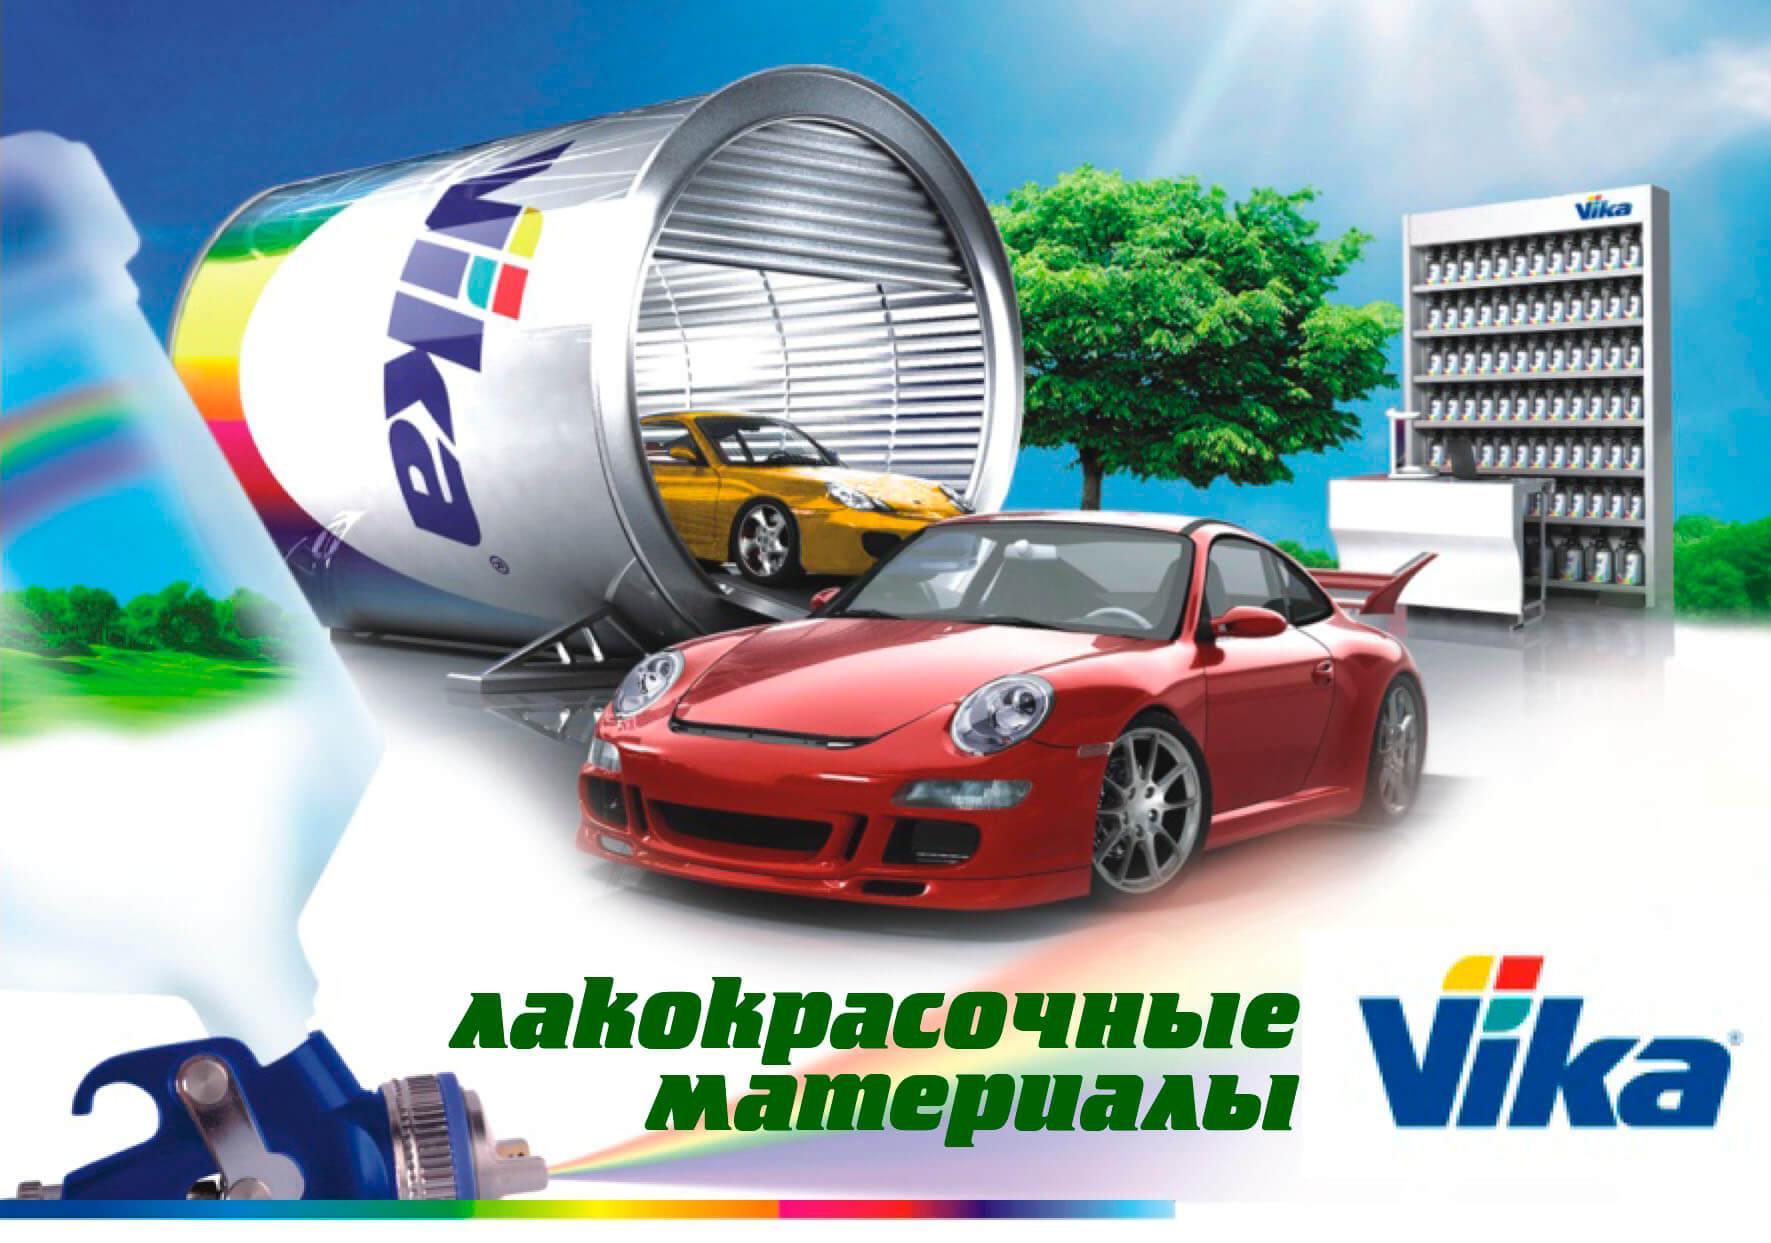 Автоэмали Vika - цвета, технические характеристики, правила нанесения